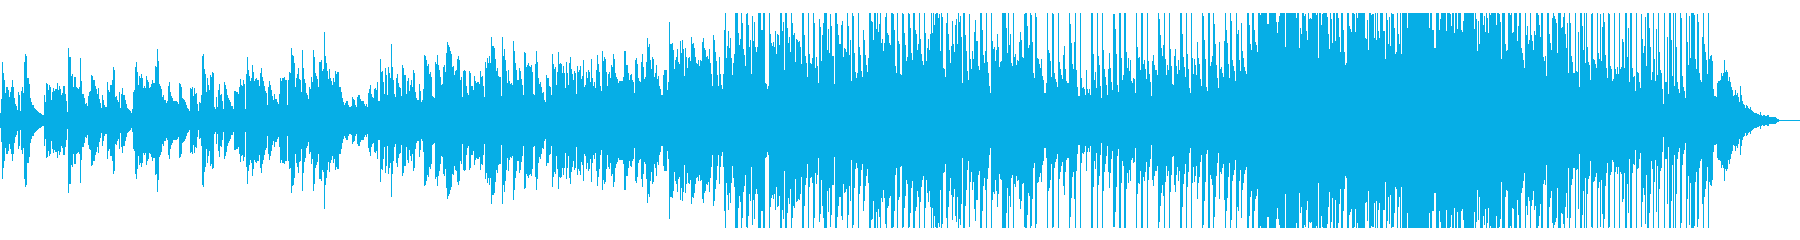 卒業ソング・ウェディングソング・感謝の歌の再生済みの波形